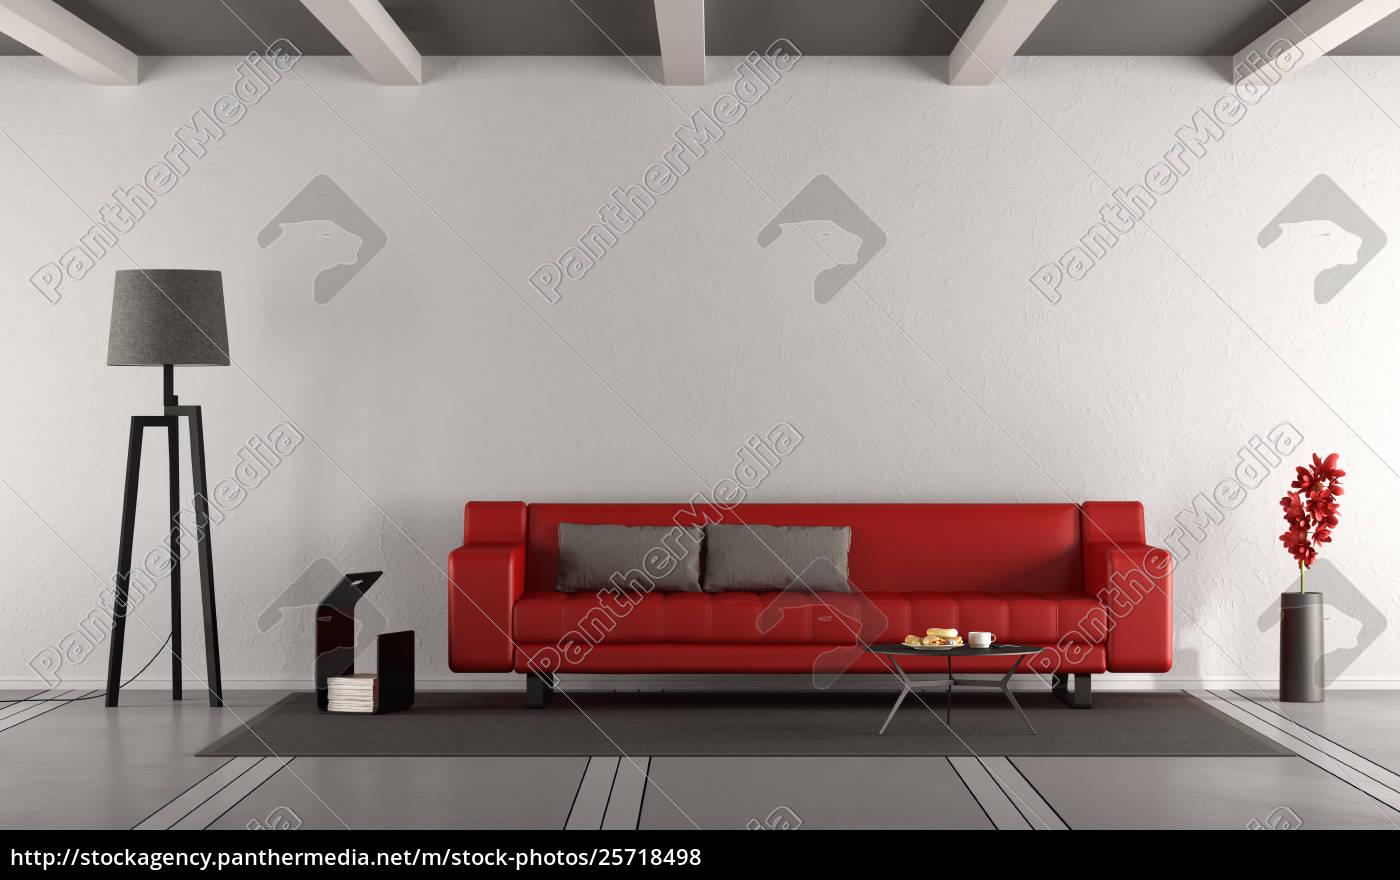 Stock Bild 25718498 Minimalistisches Wohnzimmer Mit Sofa